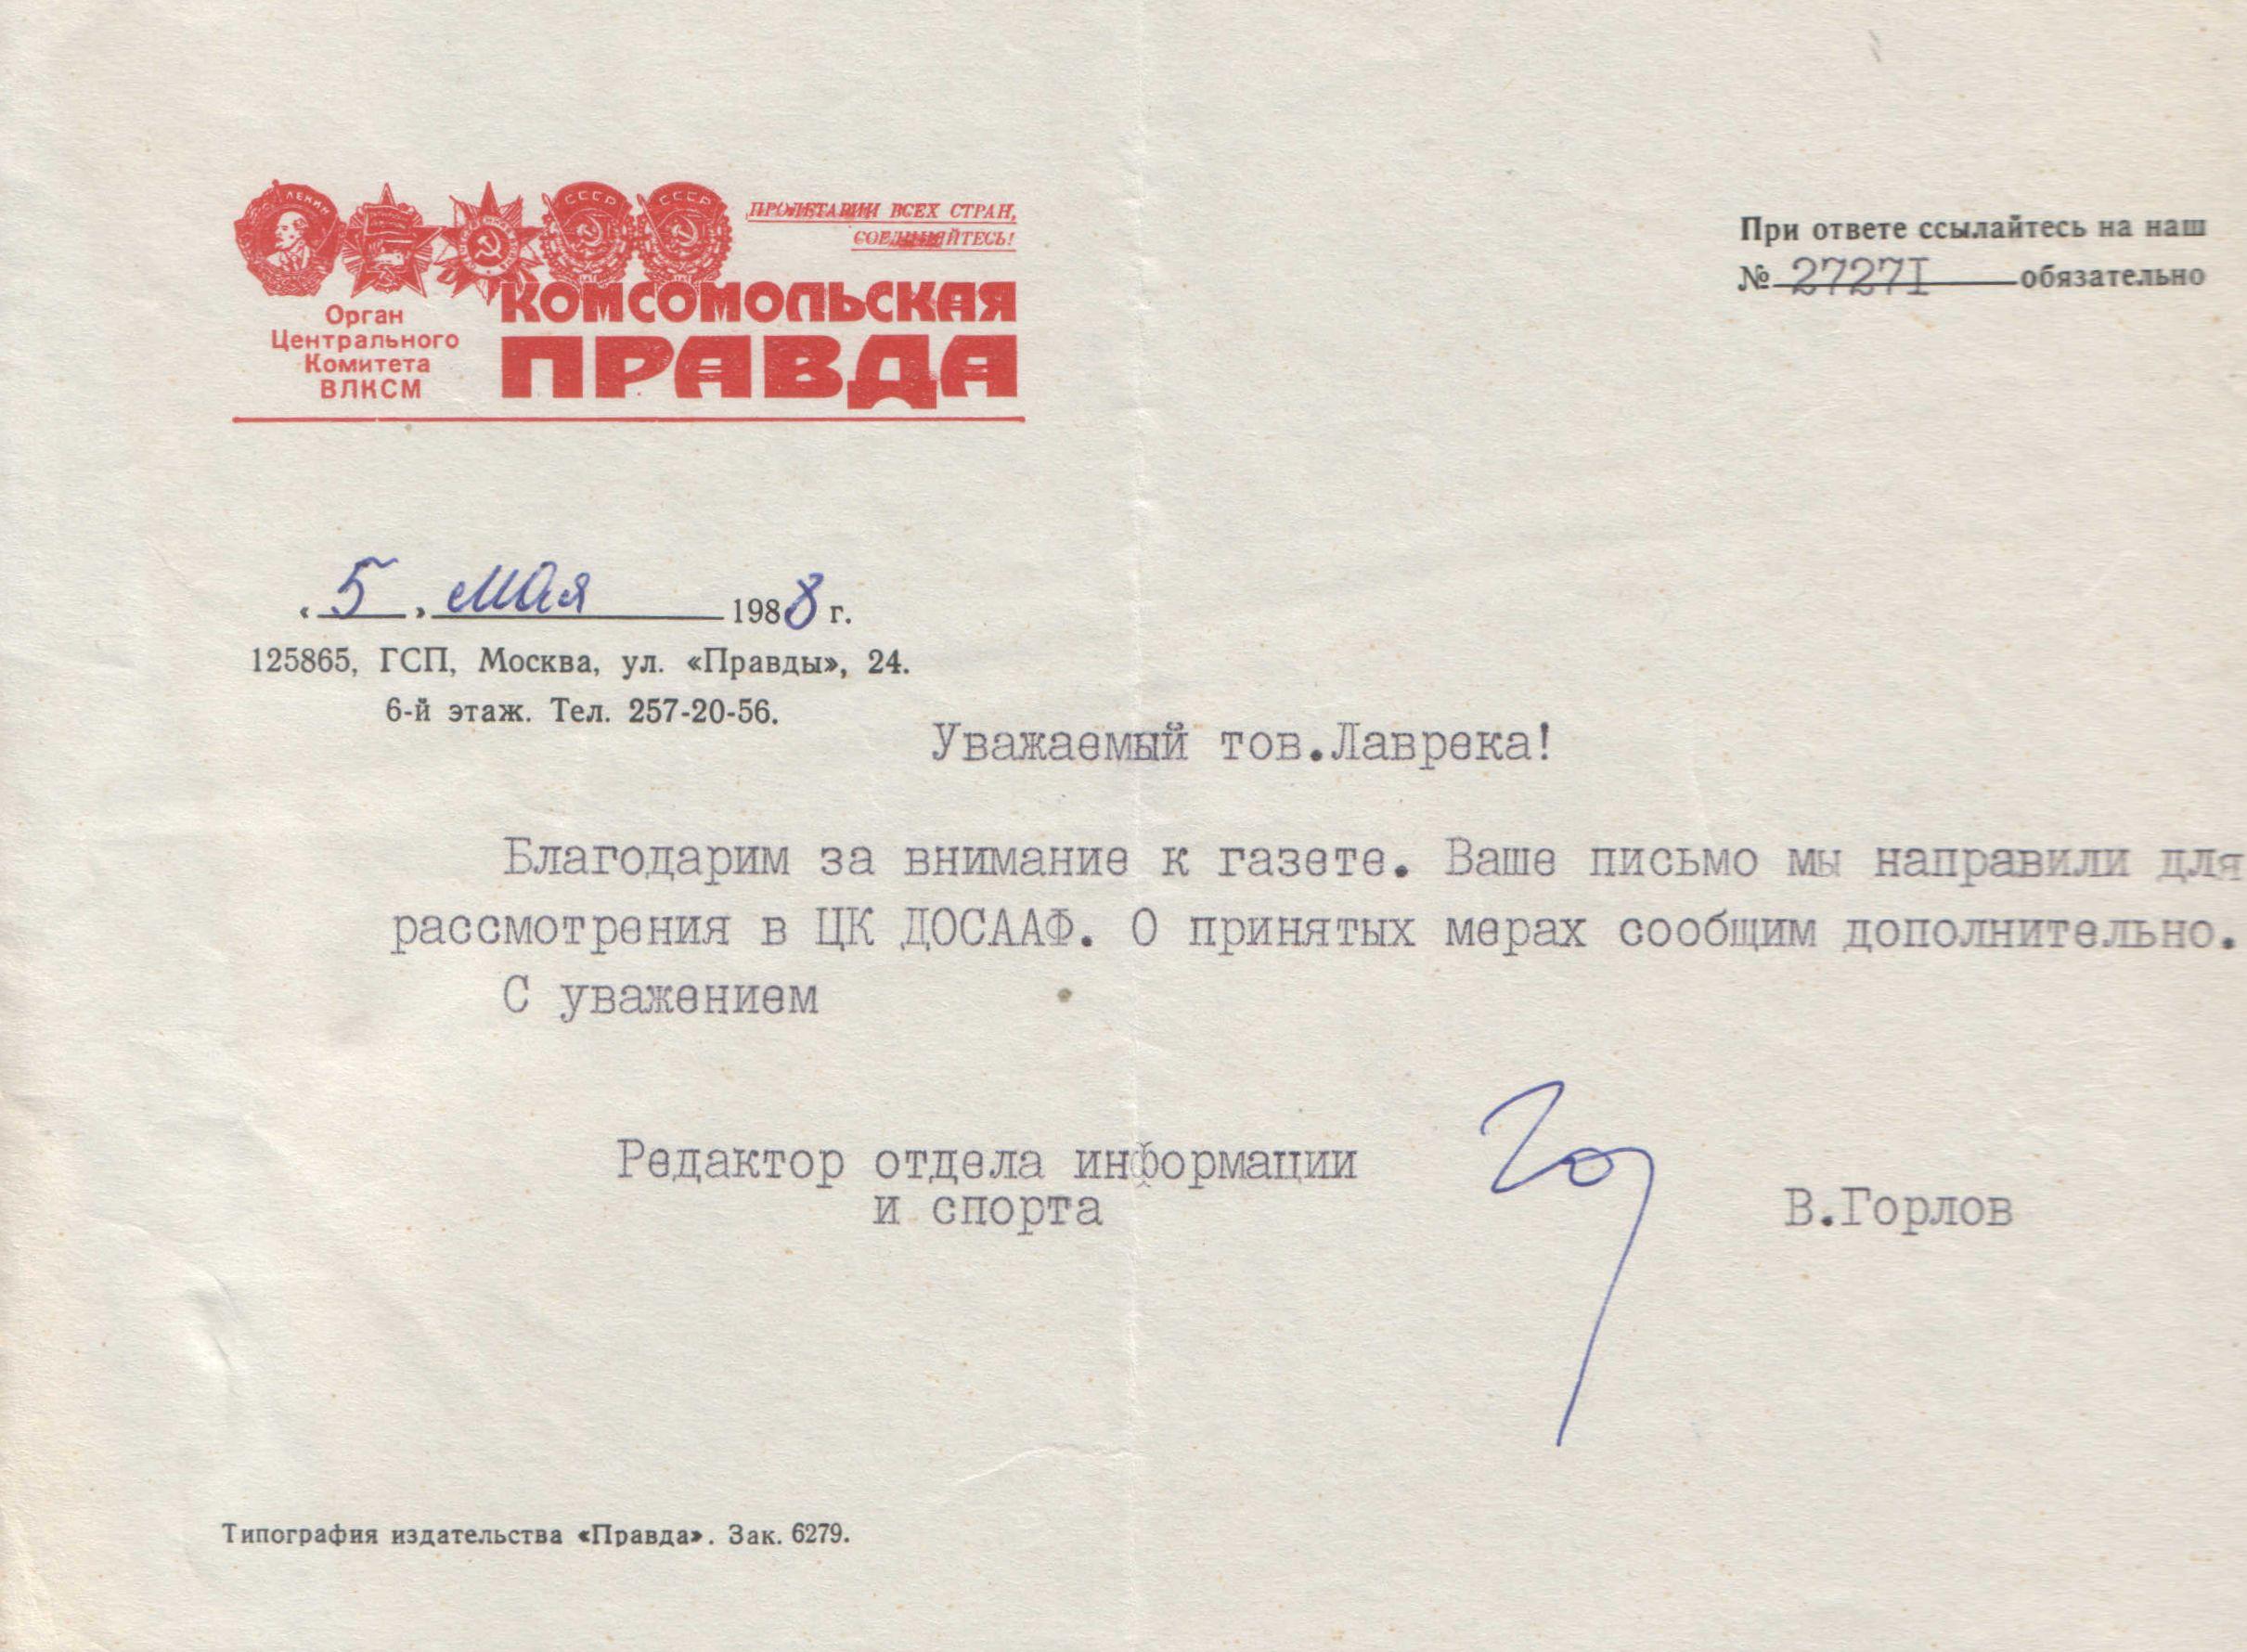 Нажмите на изображение для увеличения.  Название:RB5FF-ltr-ot-KP-1988.jpg Просмотров:445 Размер:466.3 Кб ID:103857